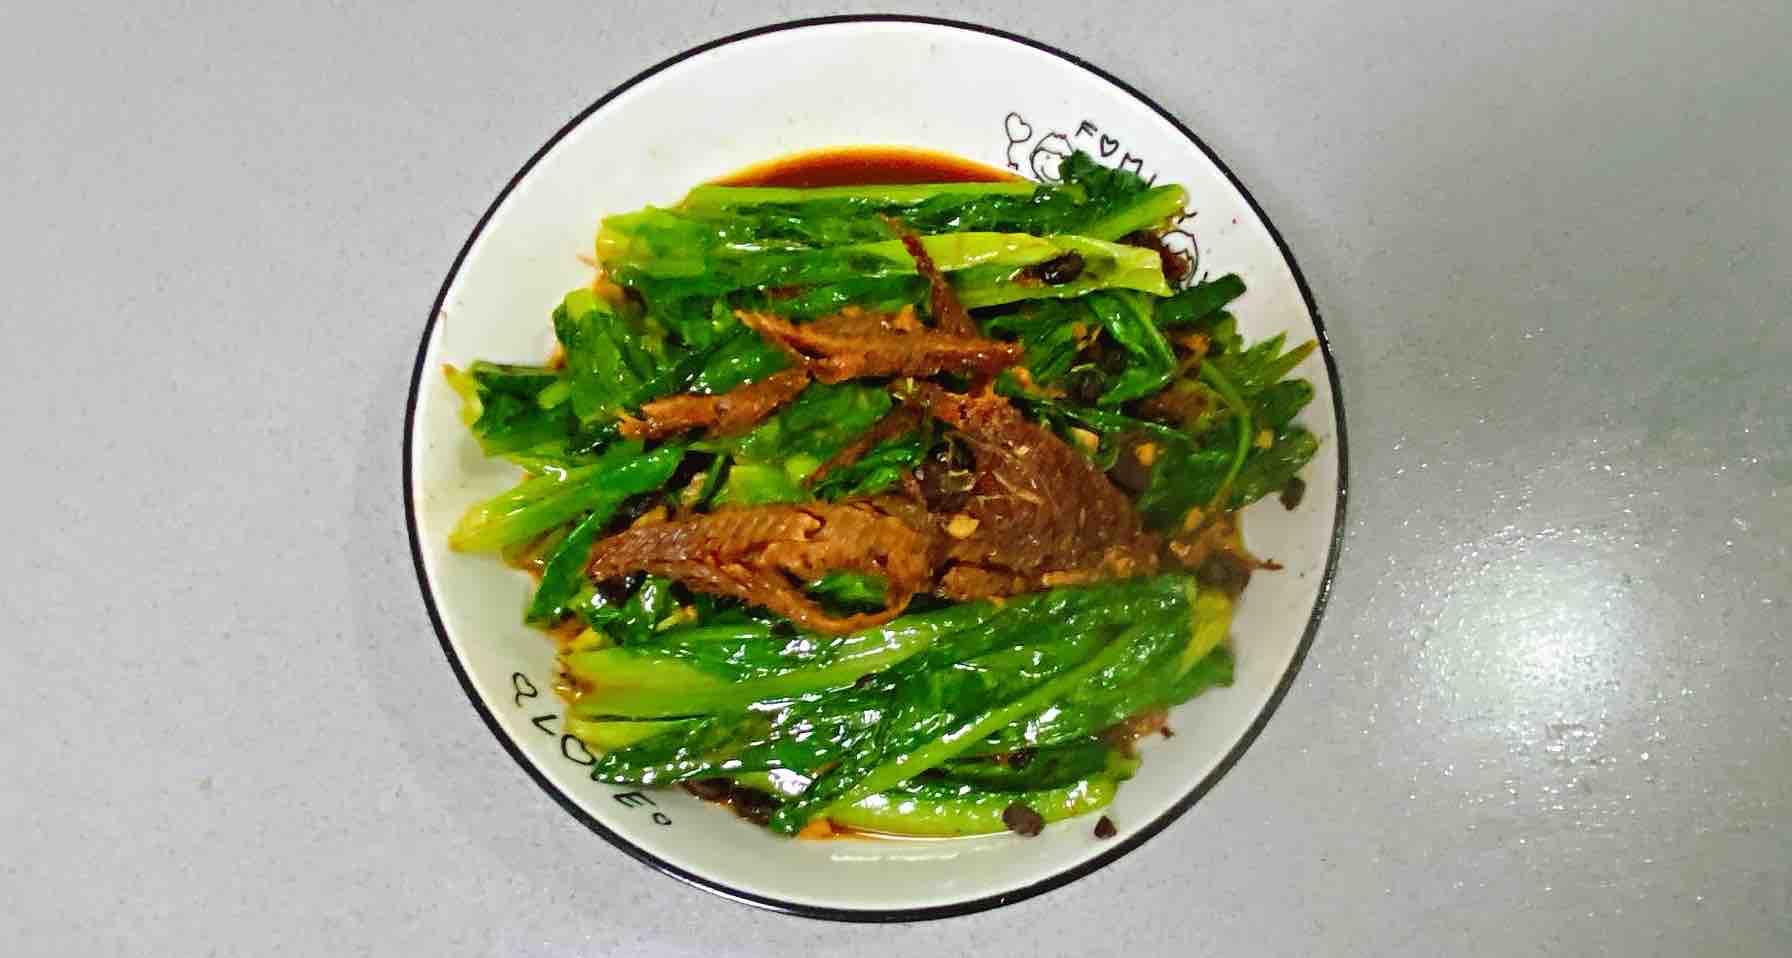 【孕妇食谱】豆豉鲮鱼油麦菜,鲜香扑鼻,美味又下饭~成品图